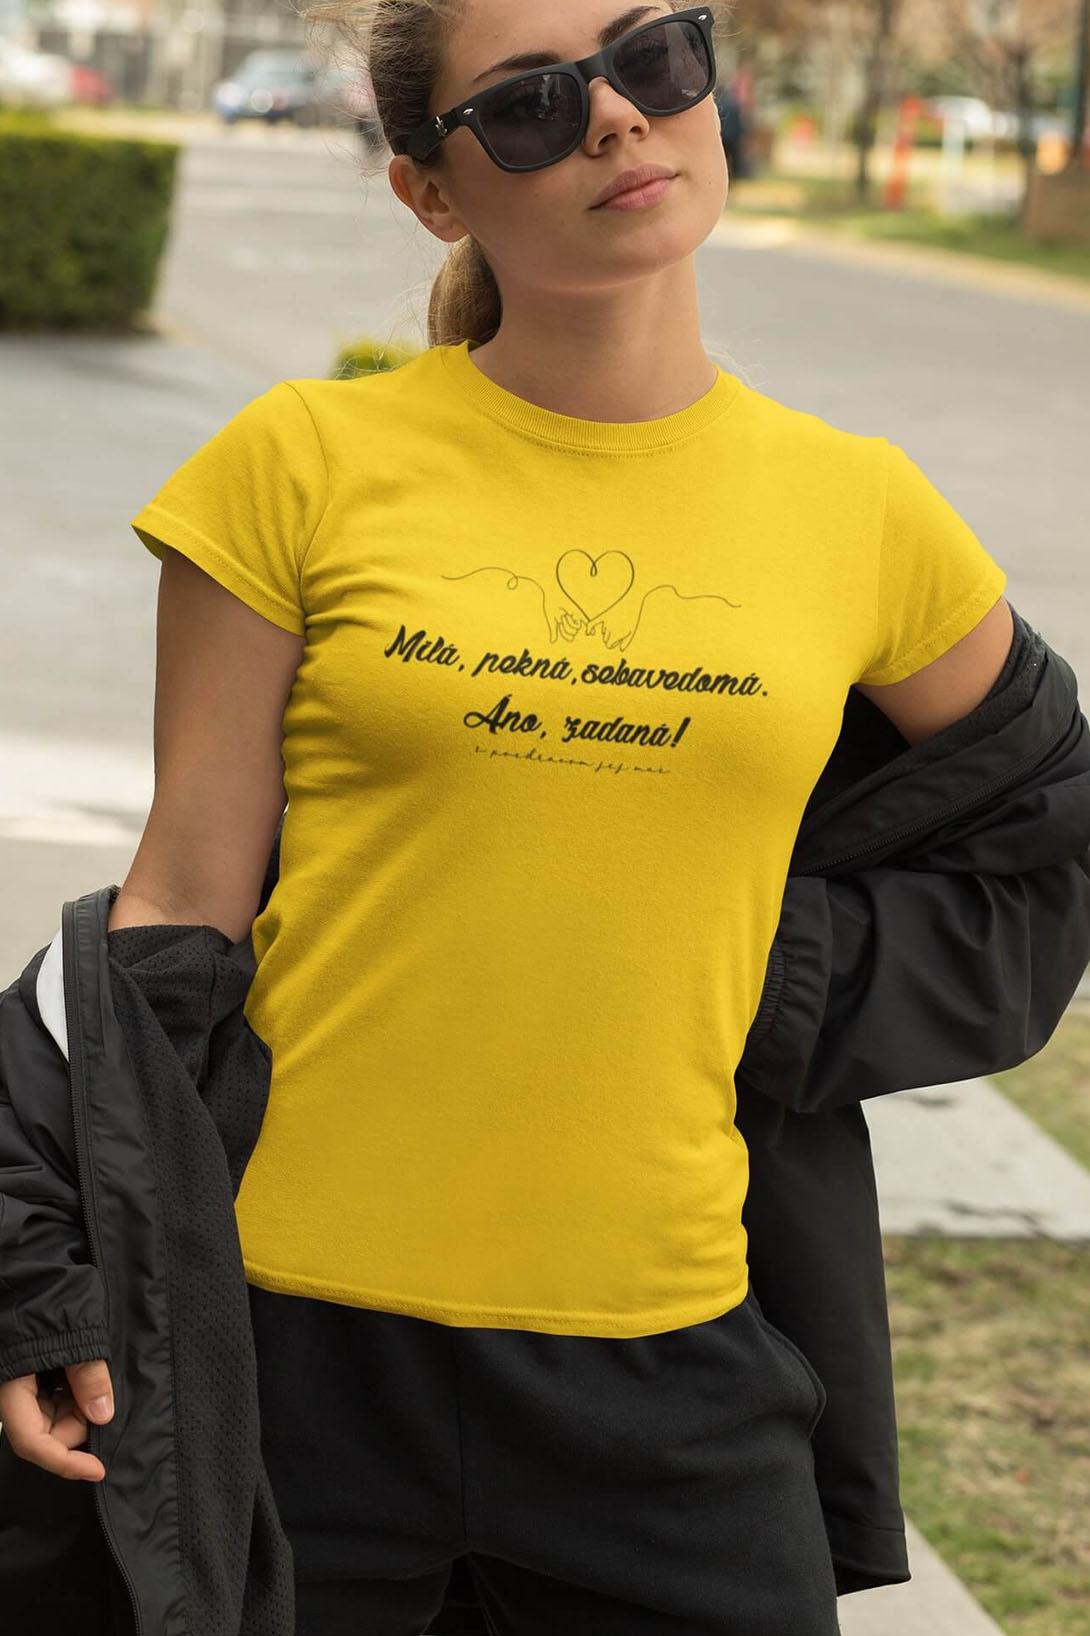 MMO Dámske tričko Milá, pekná, sebavedomá Vyberte farbu: Marlboro červená, Vyberte veľkosť: M